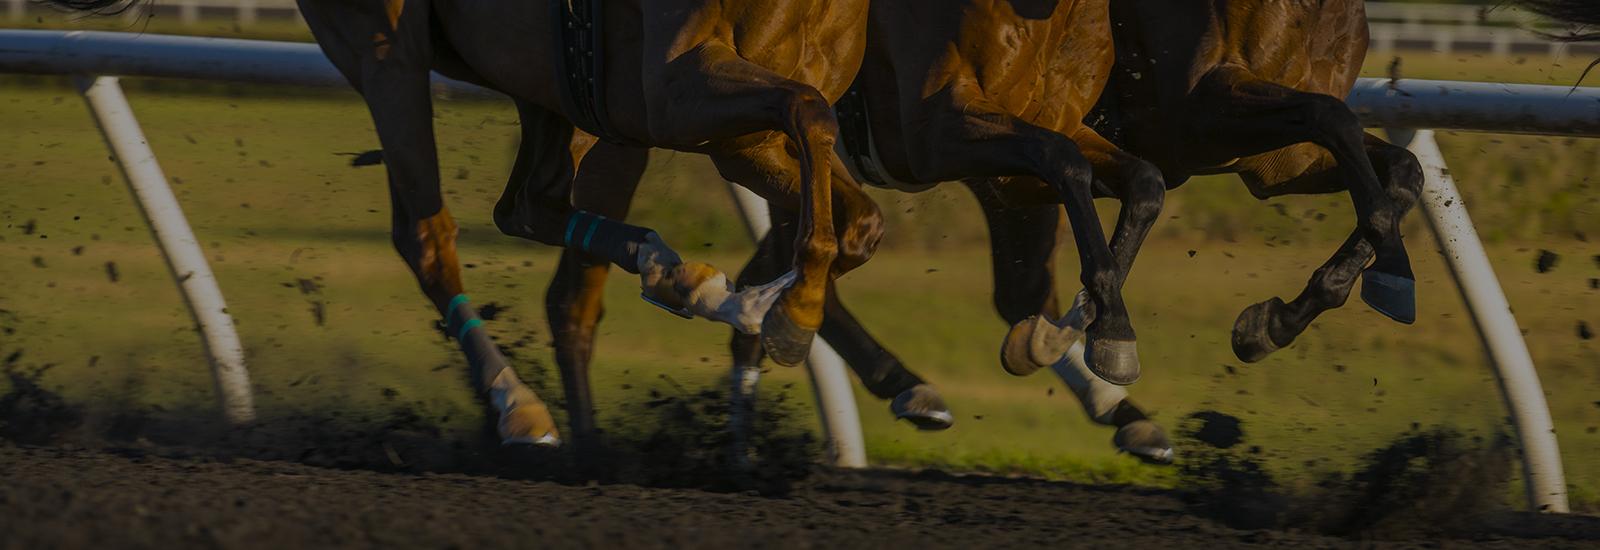 off track horse betting phoenix az